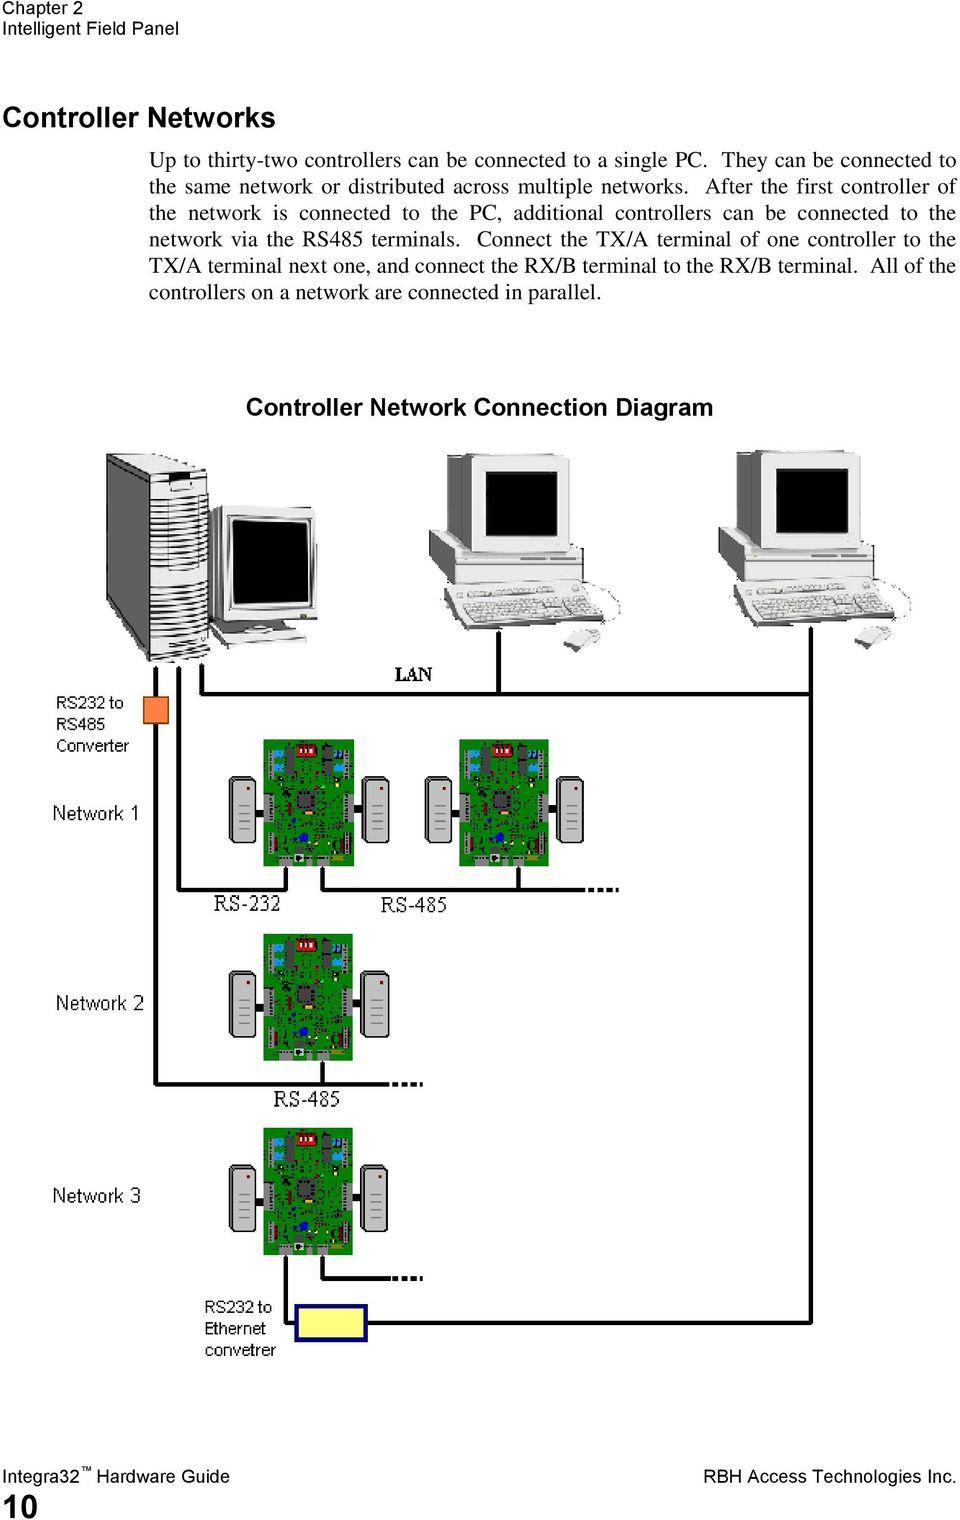 Dsx 1048 Wiring Diagram - Brooks Wiring Diagram -  coorsaa.cukk.jeanjaures37.fr | Dsx 1048 Wiring Diagram |  | Wiring Diagram Resource